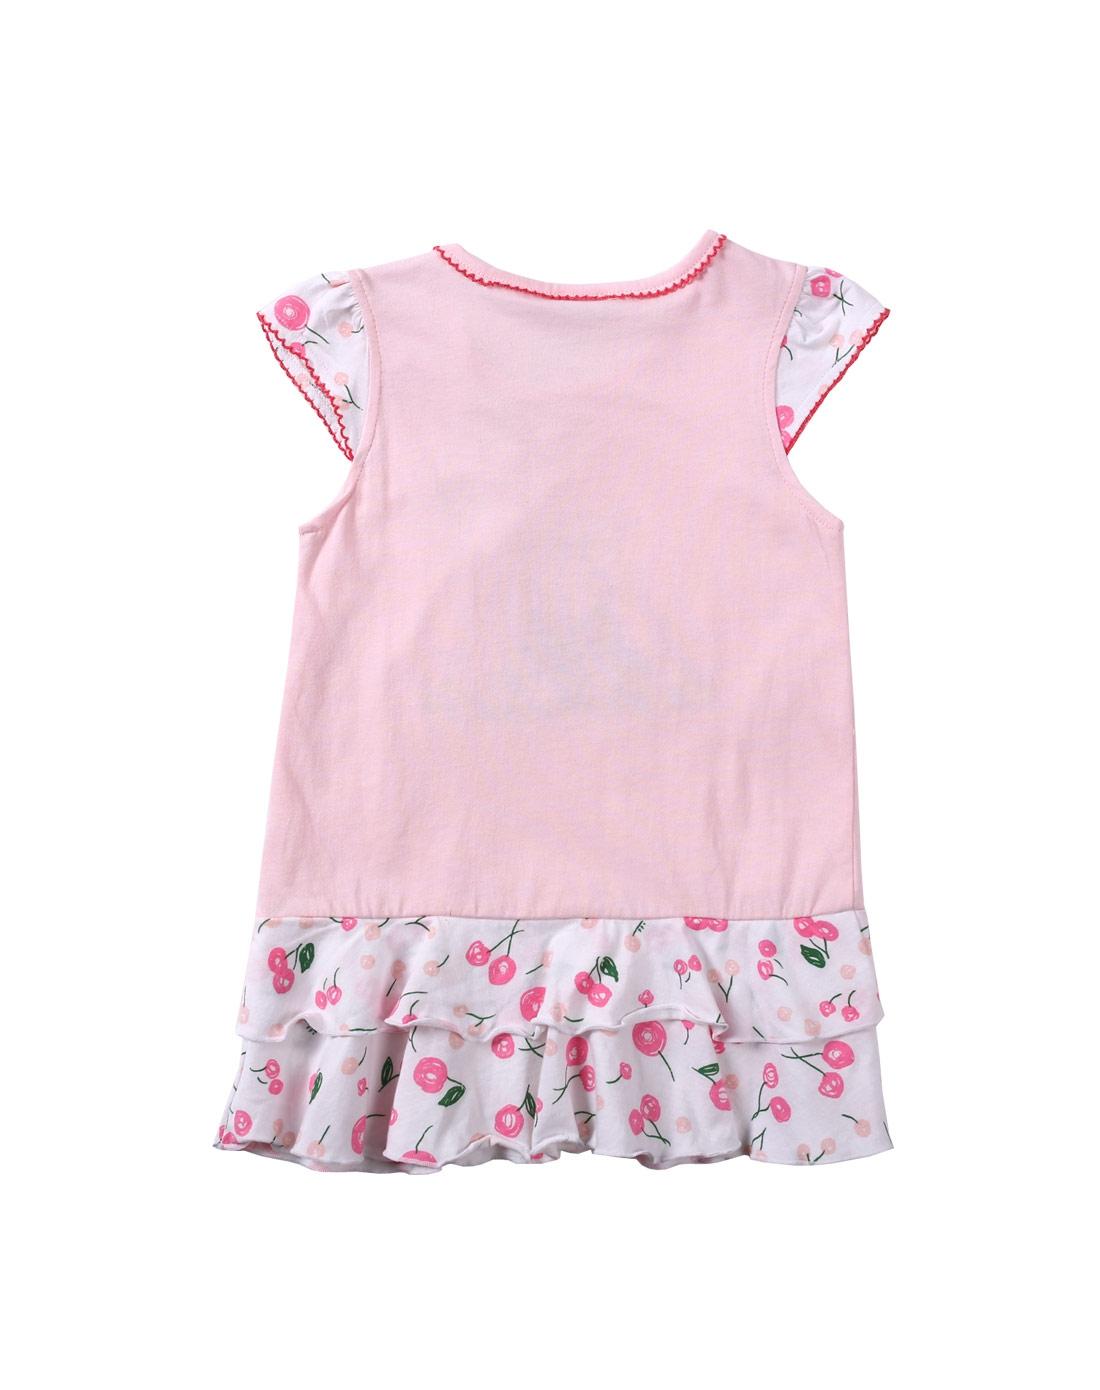 女童浅粉色花边小裙子